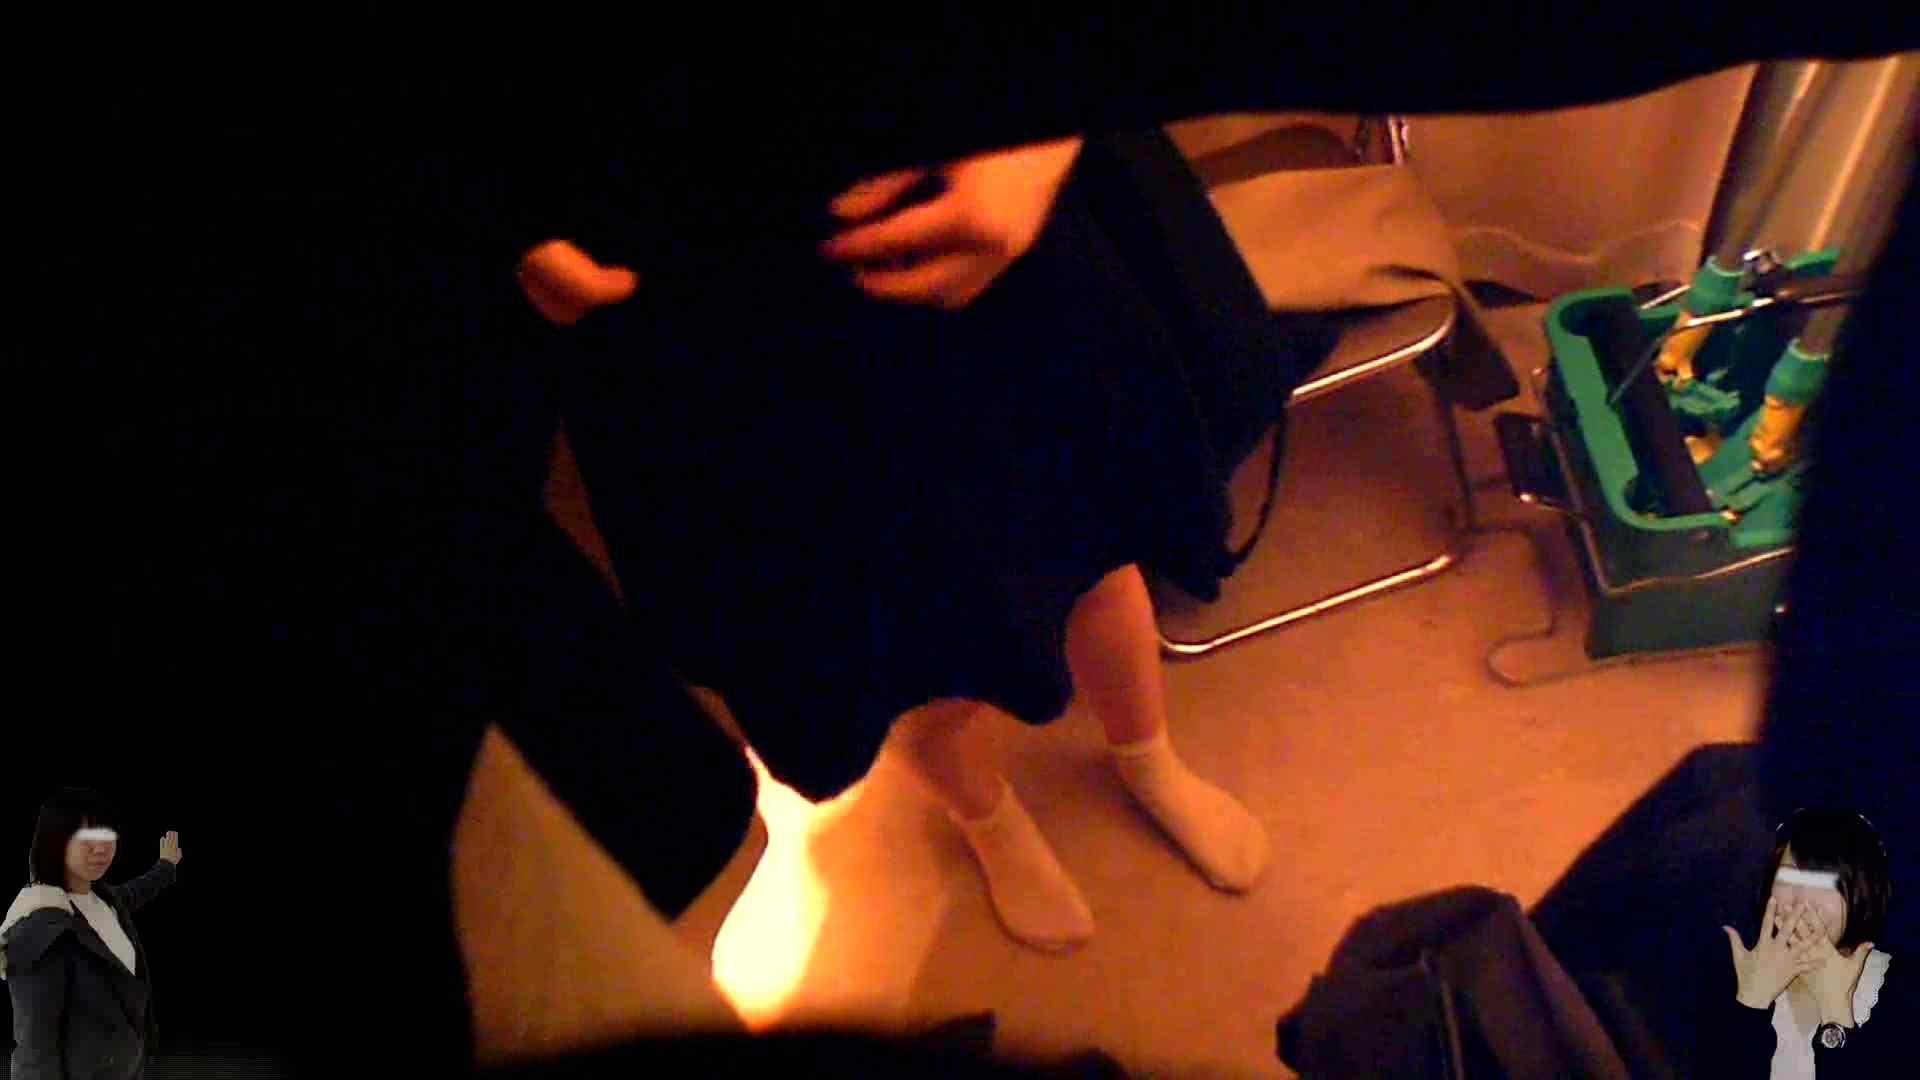 素人投稿 現役「JD」Eちゃんの着替え Vol.04 美しいOLの裸体   投稿  107pic 89